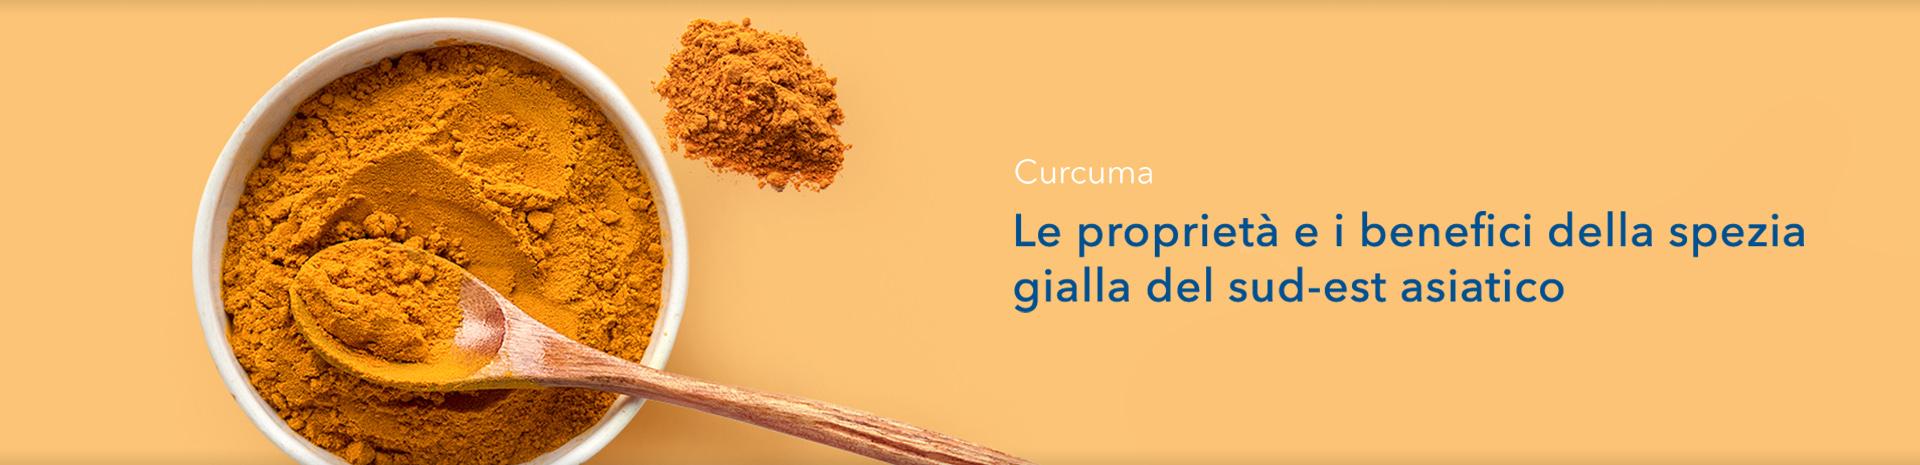 Curcuma - GUIDA - SHOP FARMACIA